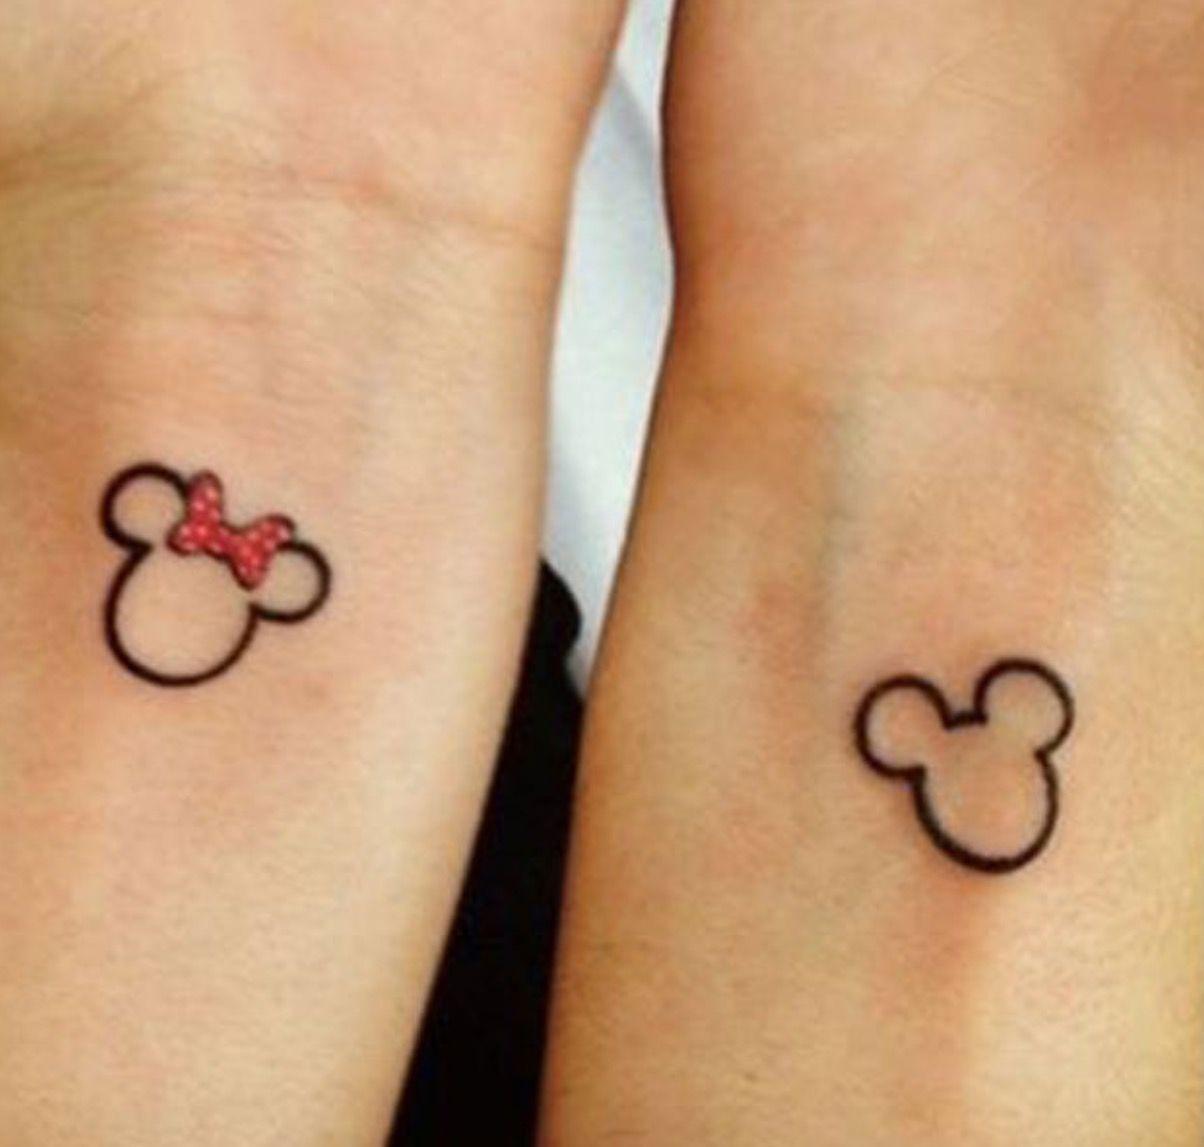 Disney Couple Tattoo Ideas: Pin By Bonnie Whisler On Tatoos